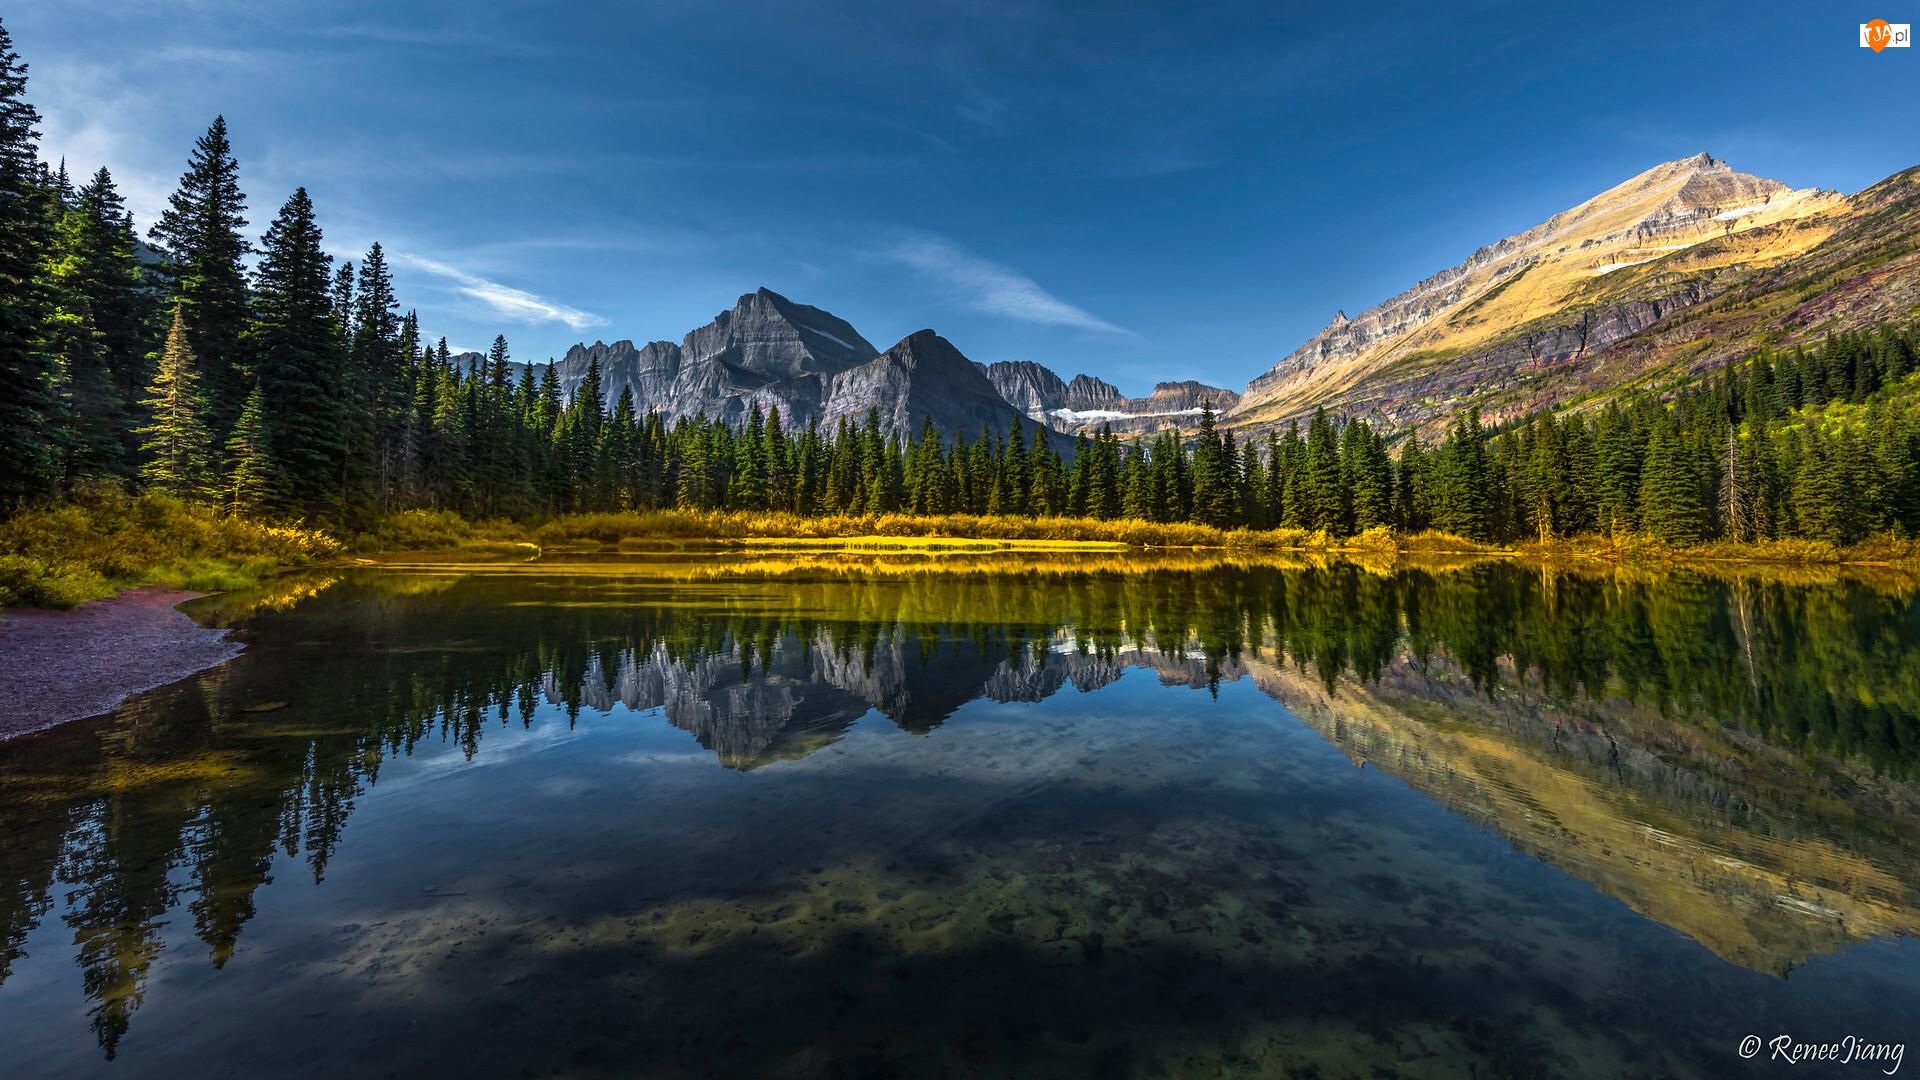 Jezioro, Góry, Zielone, Odbicie, Las, Drzewa